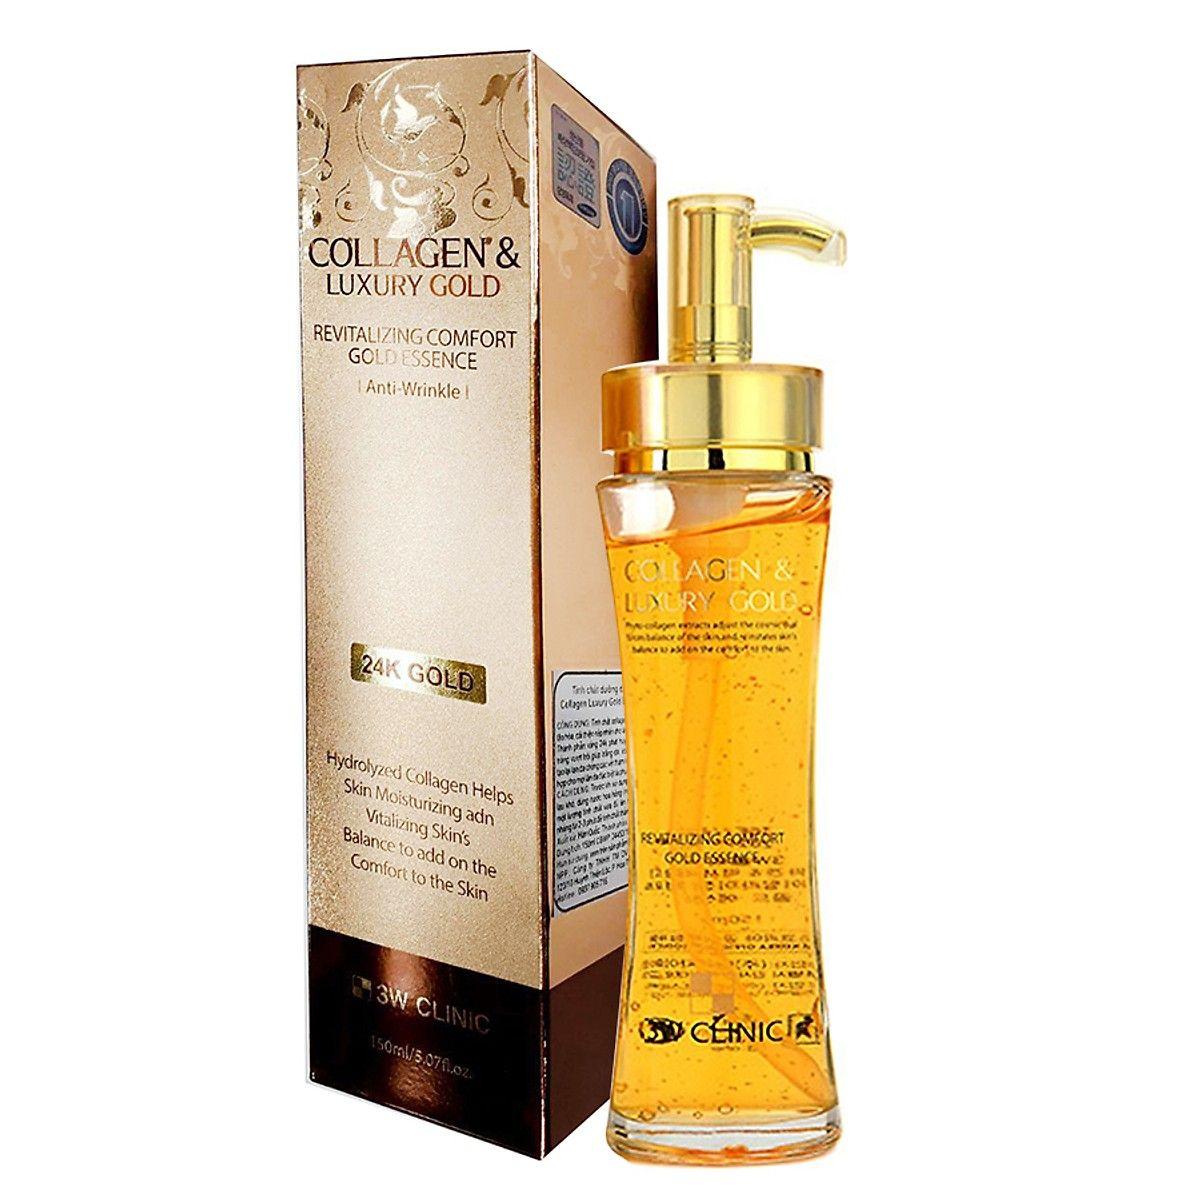 Serum Tinh Chất Vàng Dưỡng Trắng Tái Tạo Da Collagen & Luxury Gold 3W Clinic (150ml)